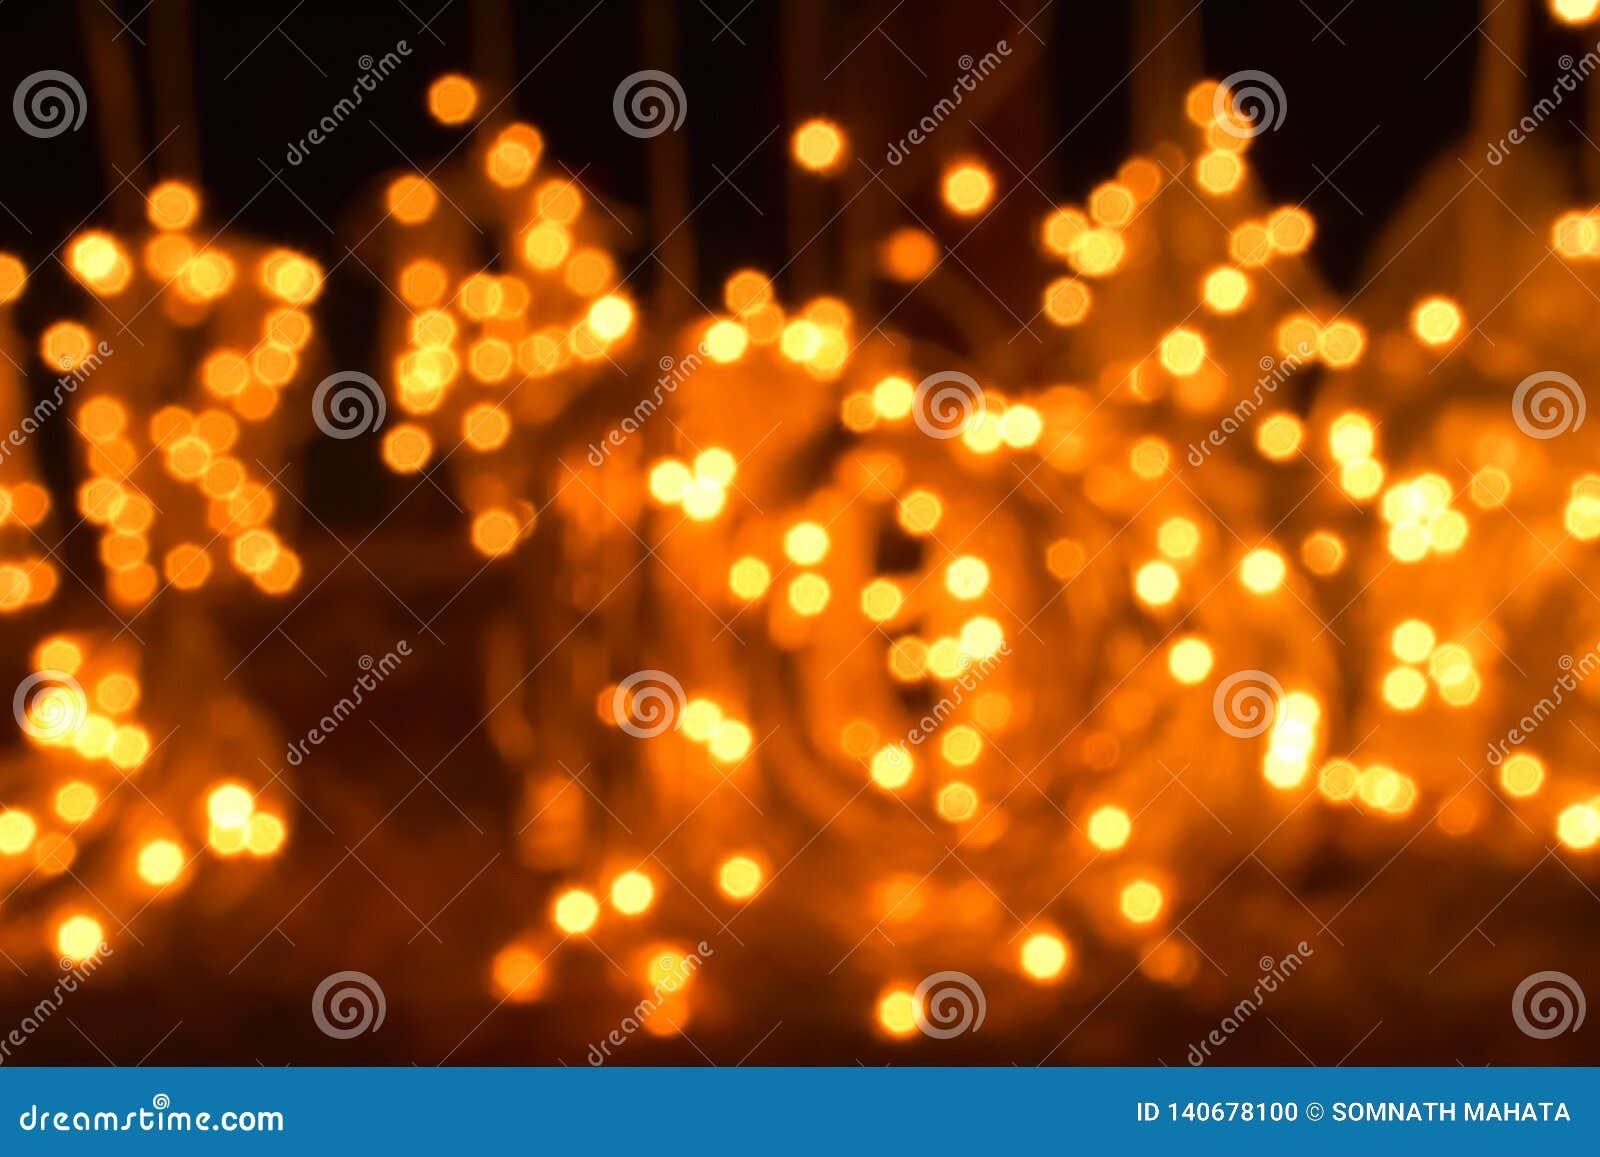 Kropki połyskiwać światła puszyste światła